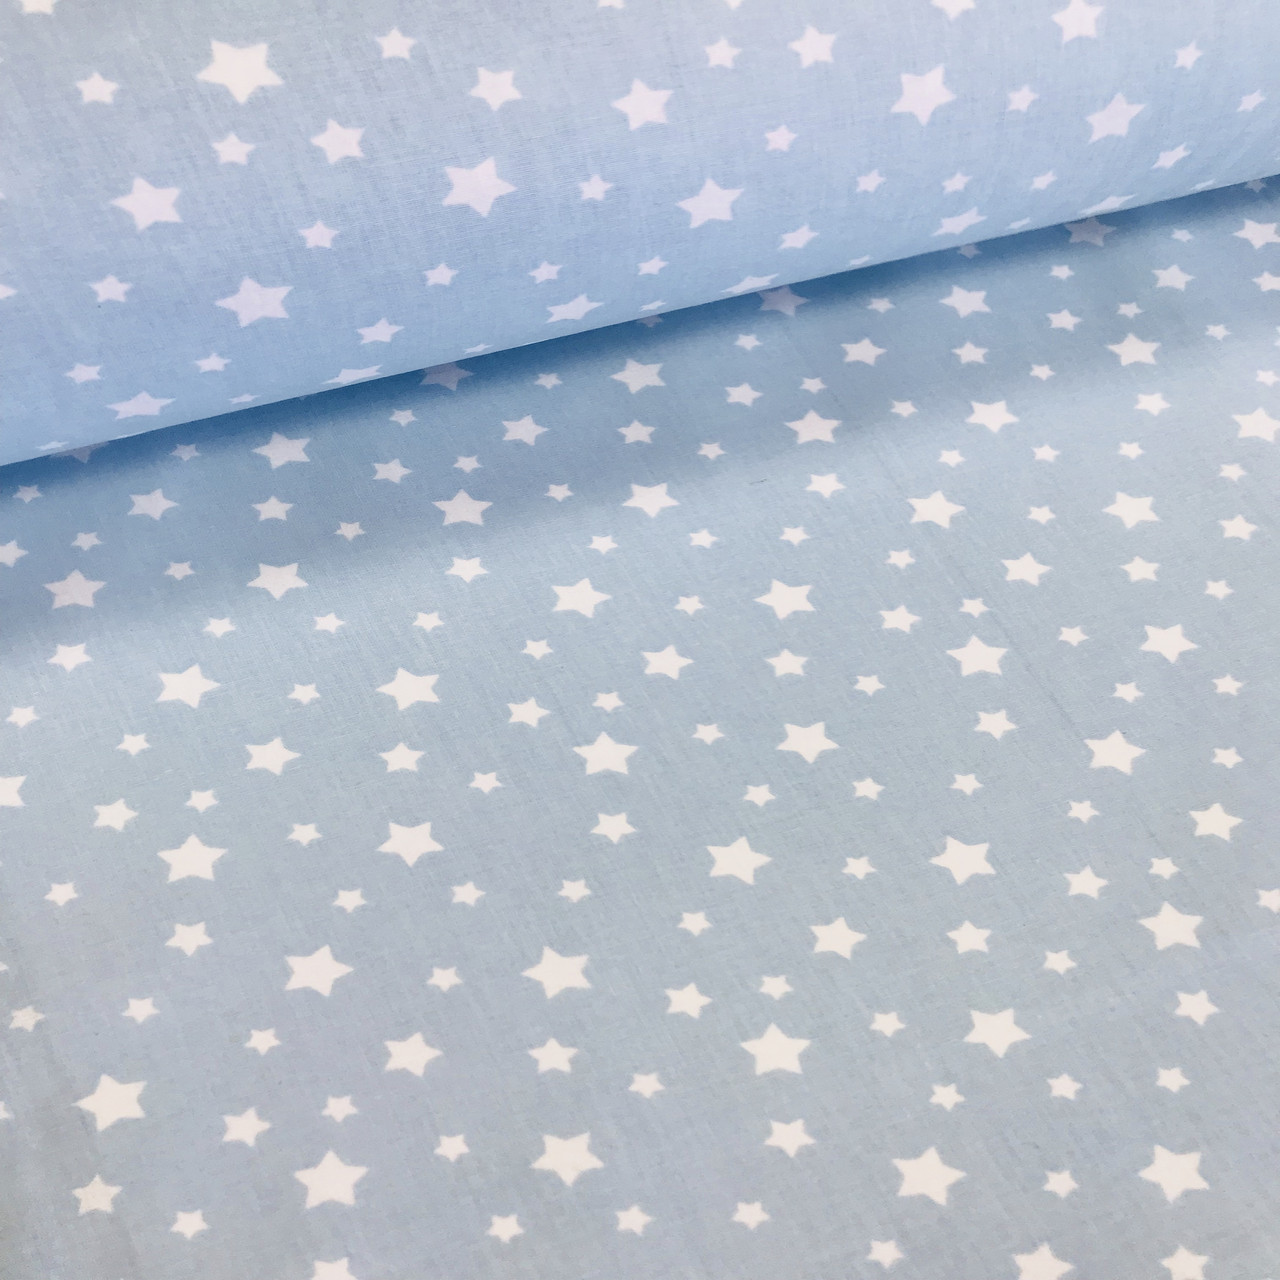 Хлопковая ткань (ТУРЦИЯ шир. 2,4 м) звездопад мелкий белый на голубом